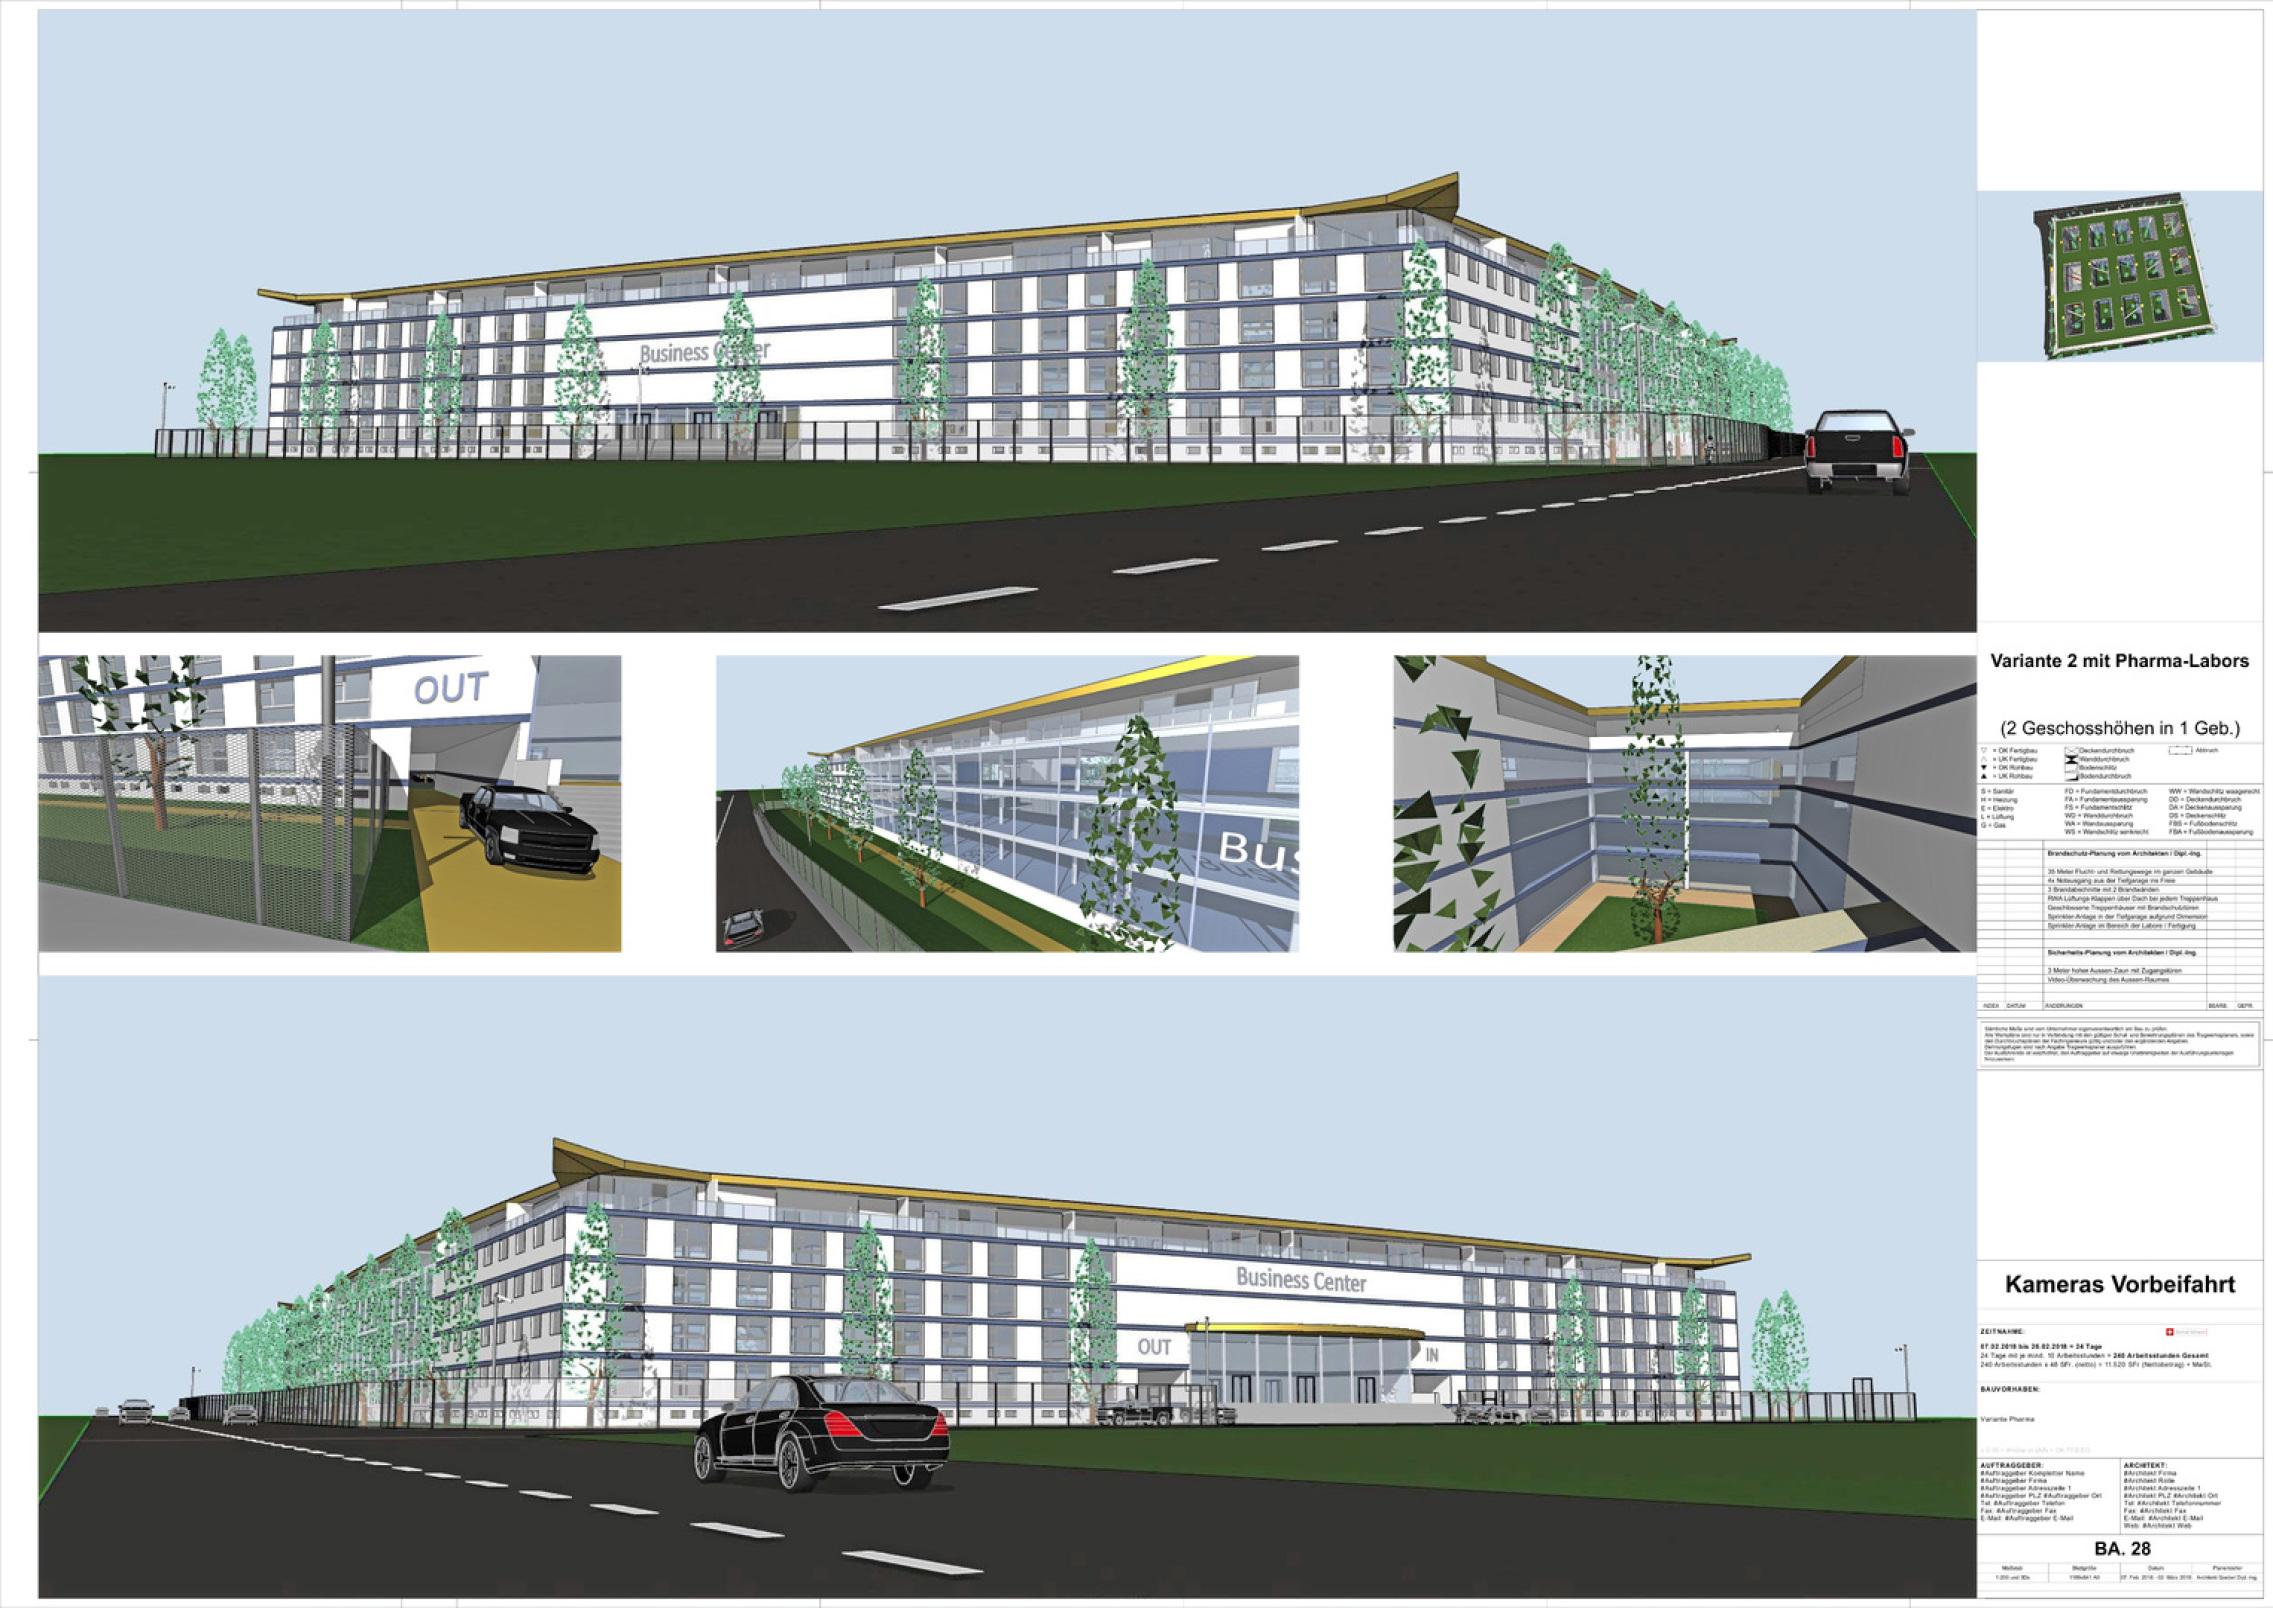 Kameras_Vorbeifahrt_Pharma-Business-Center-Architekt-Volker-Goebel-Dipl.-Ing-Wilen-bei-Wollerau-27